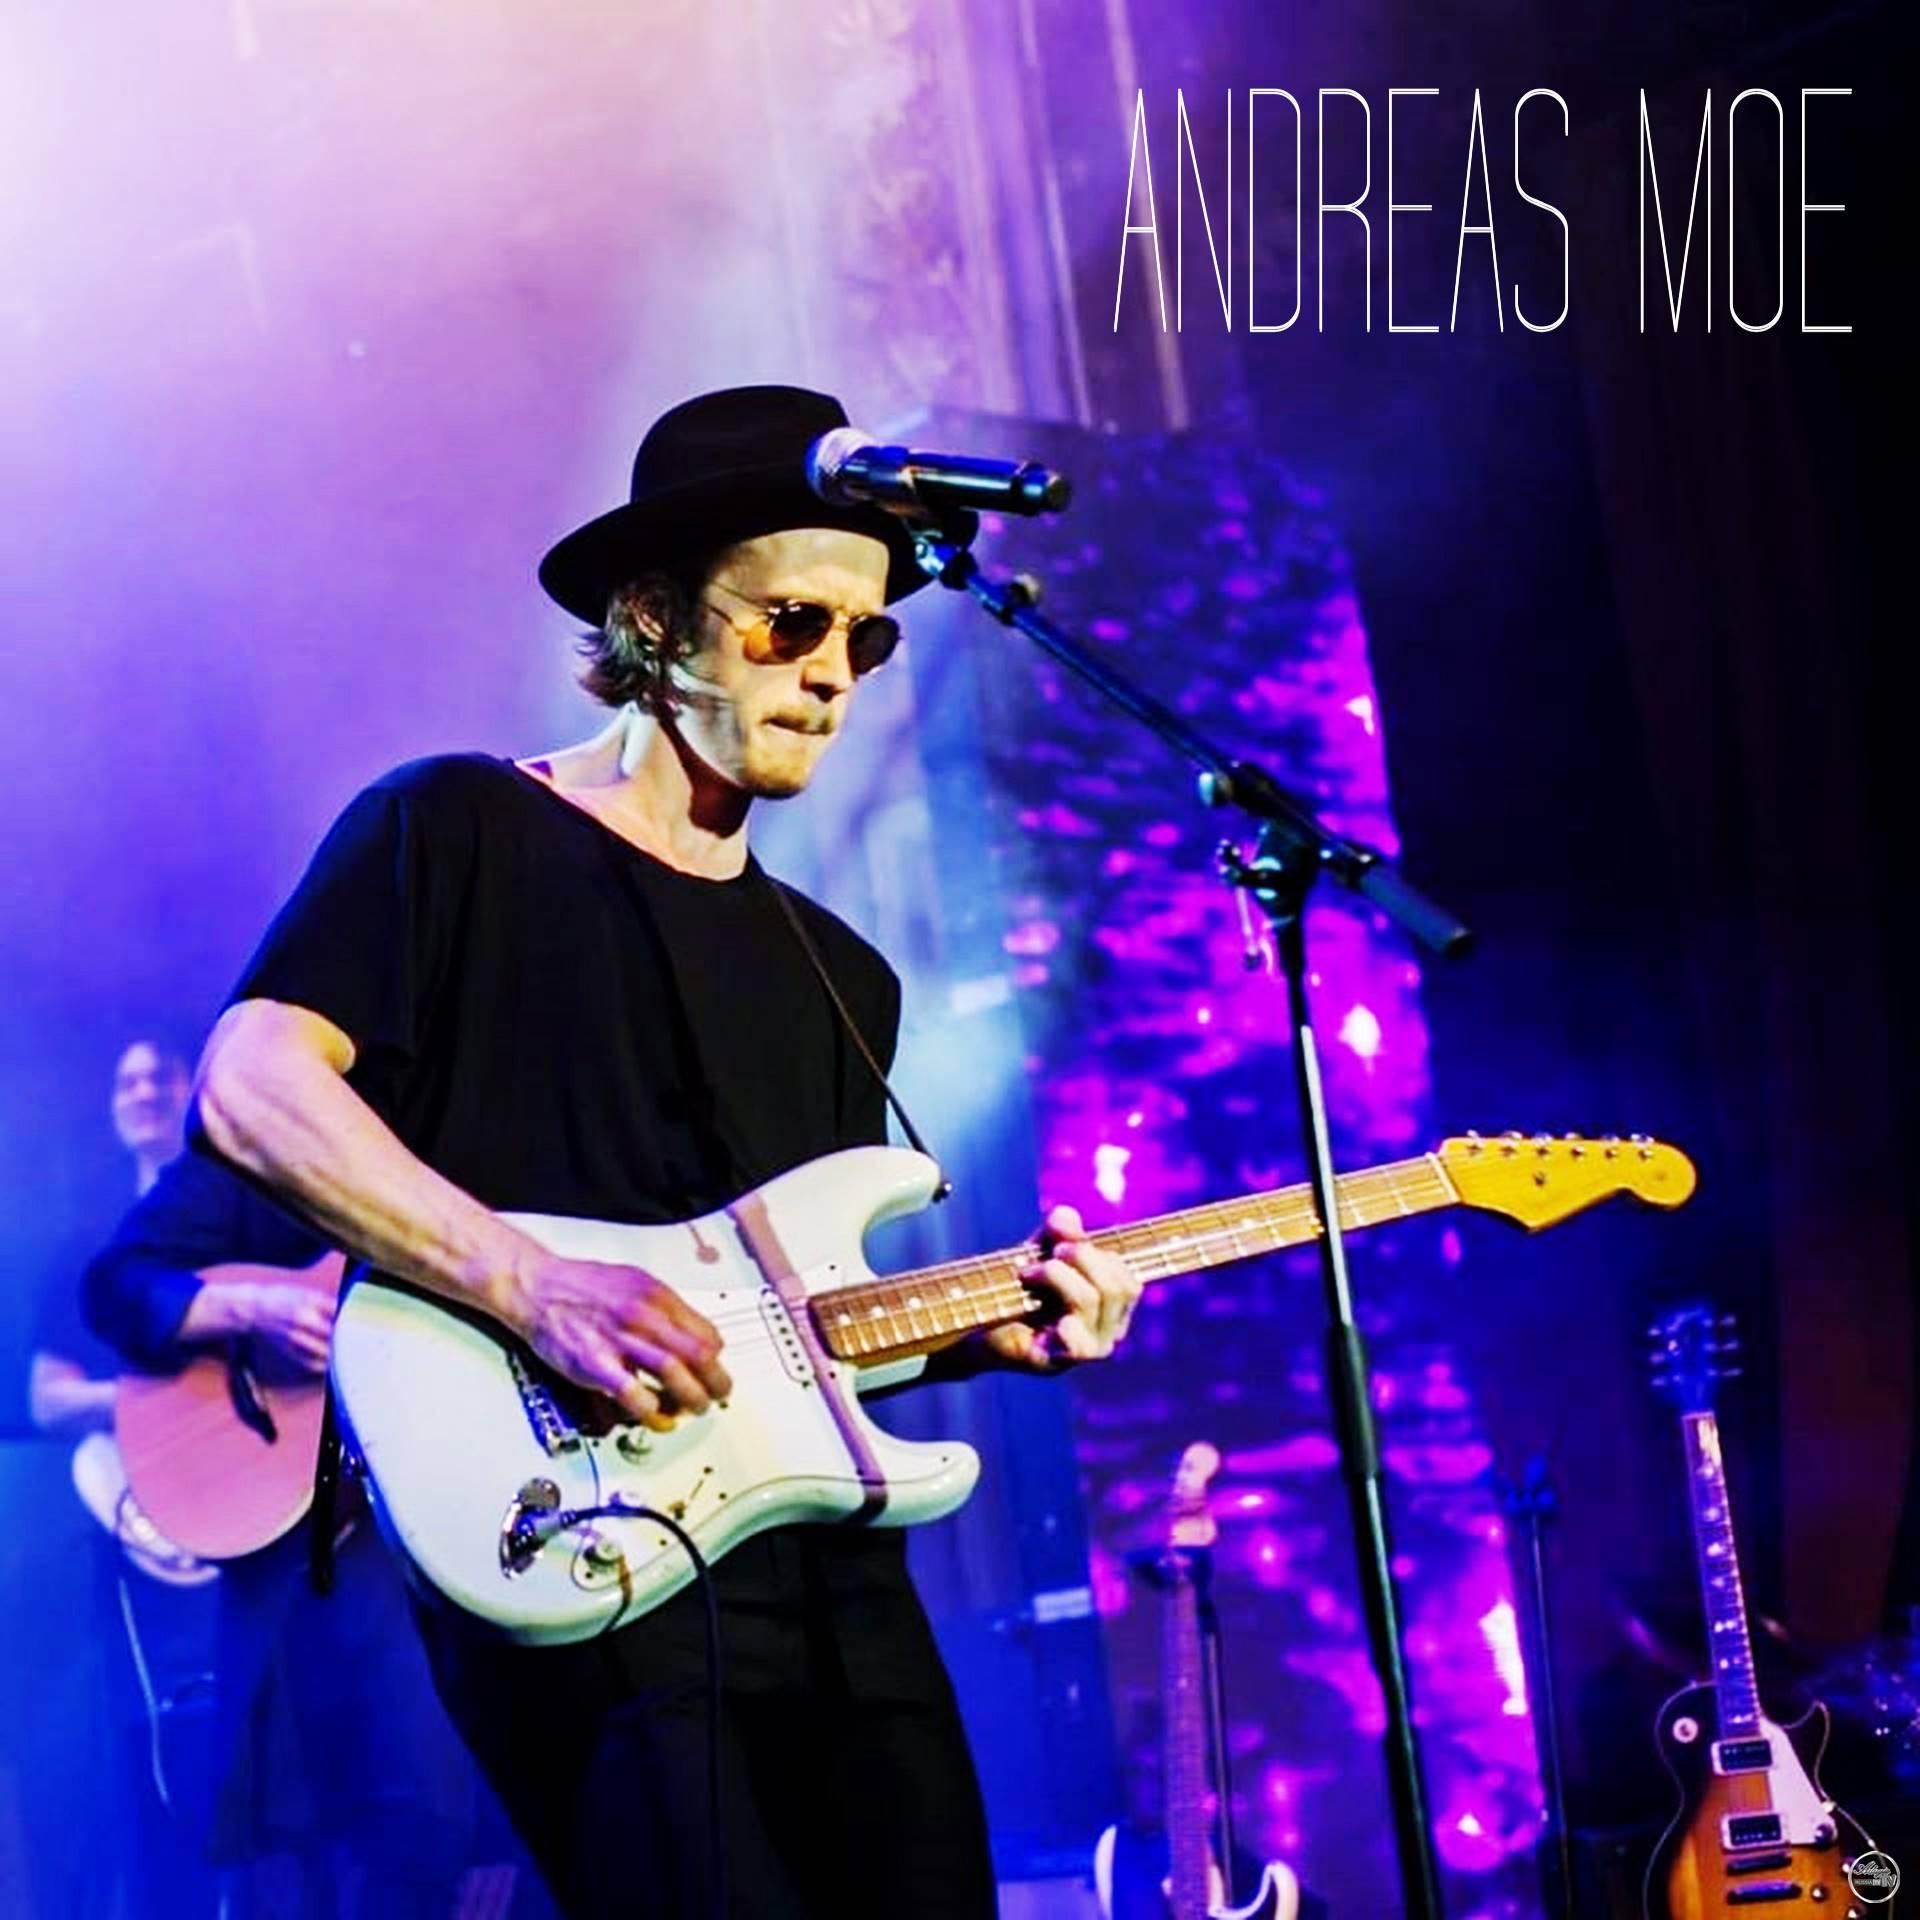 Andreas Moe